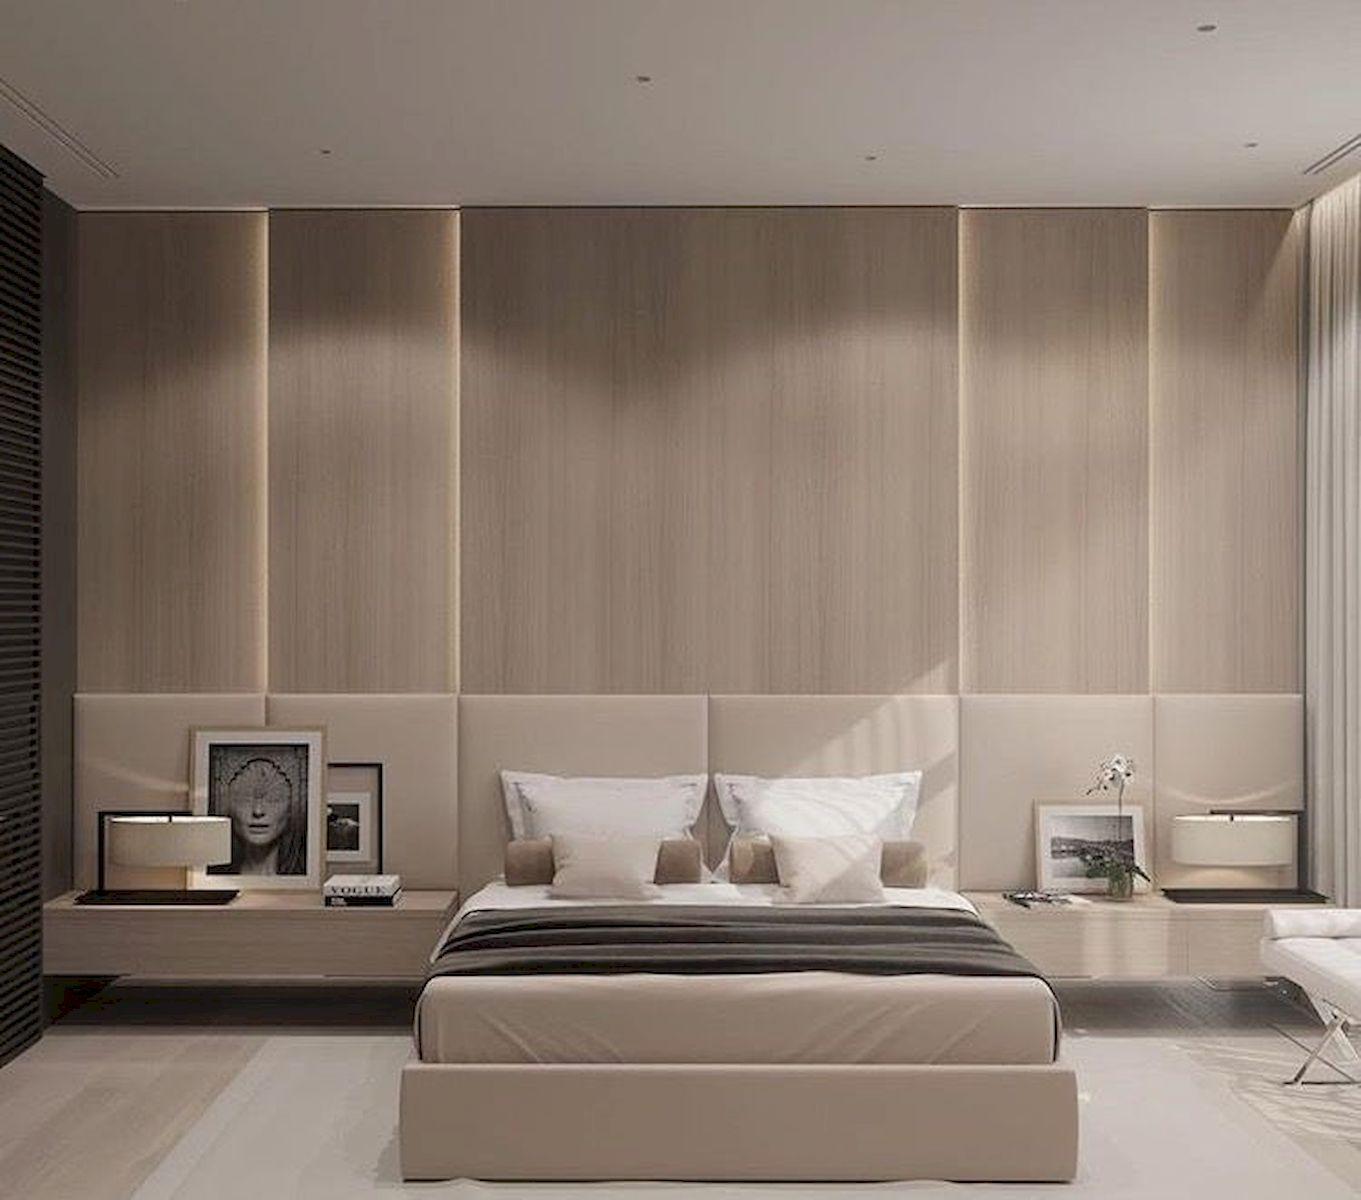 Master bedroom minimalist luxury beds modern also interior design pinterest rh